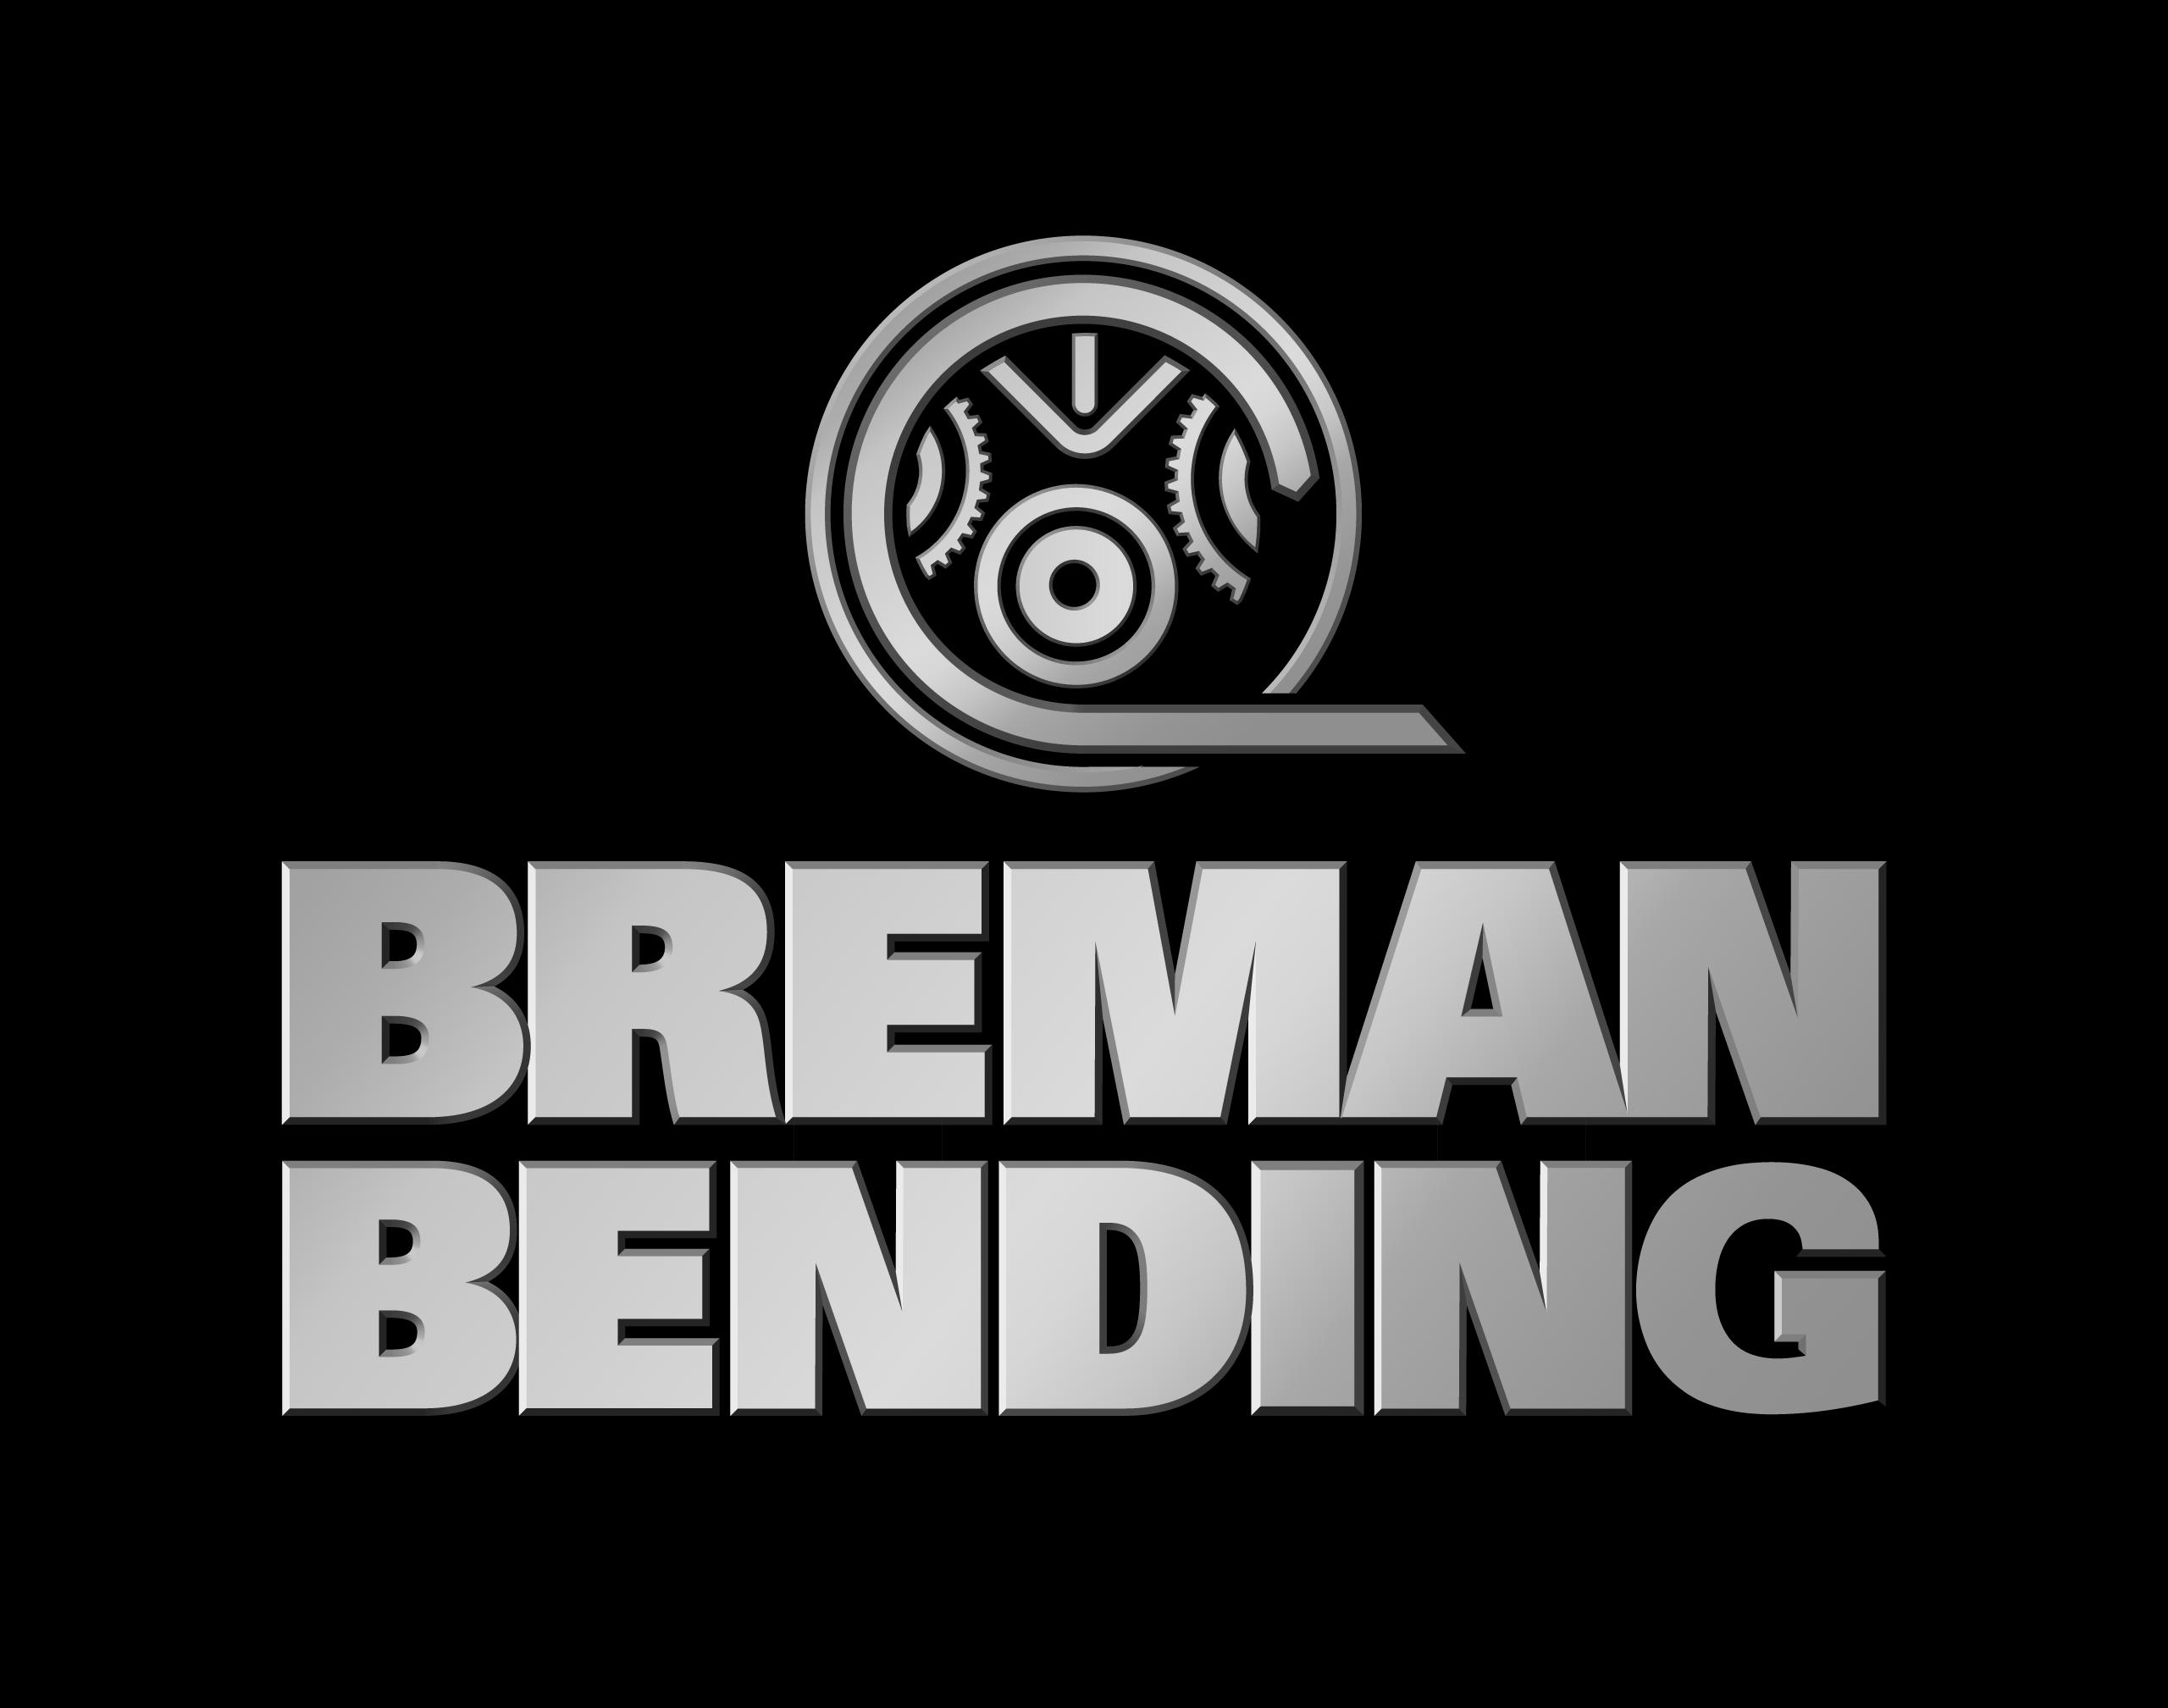 Breman Bending